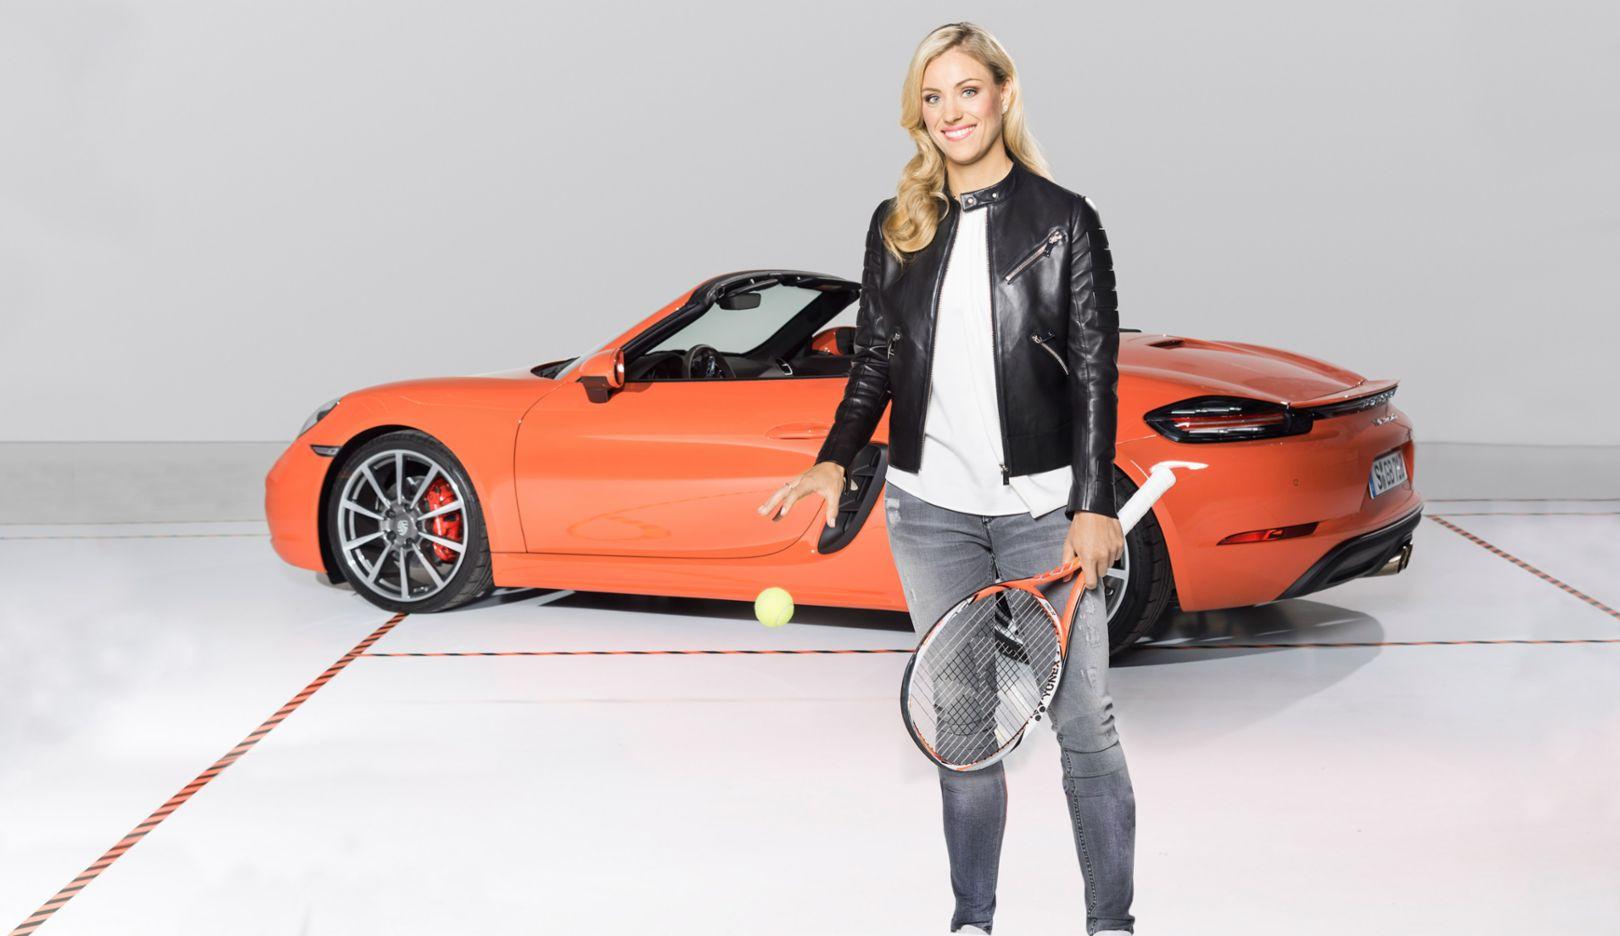 Angelique Kerber, Porsche Markenbotschafterin, 2016, Porsche AG